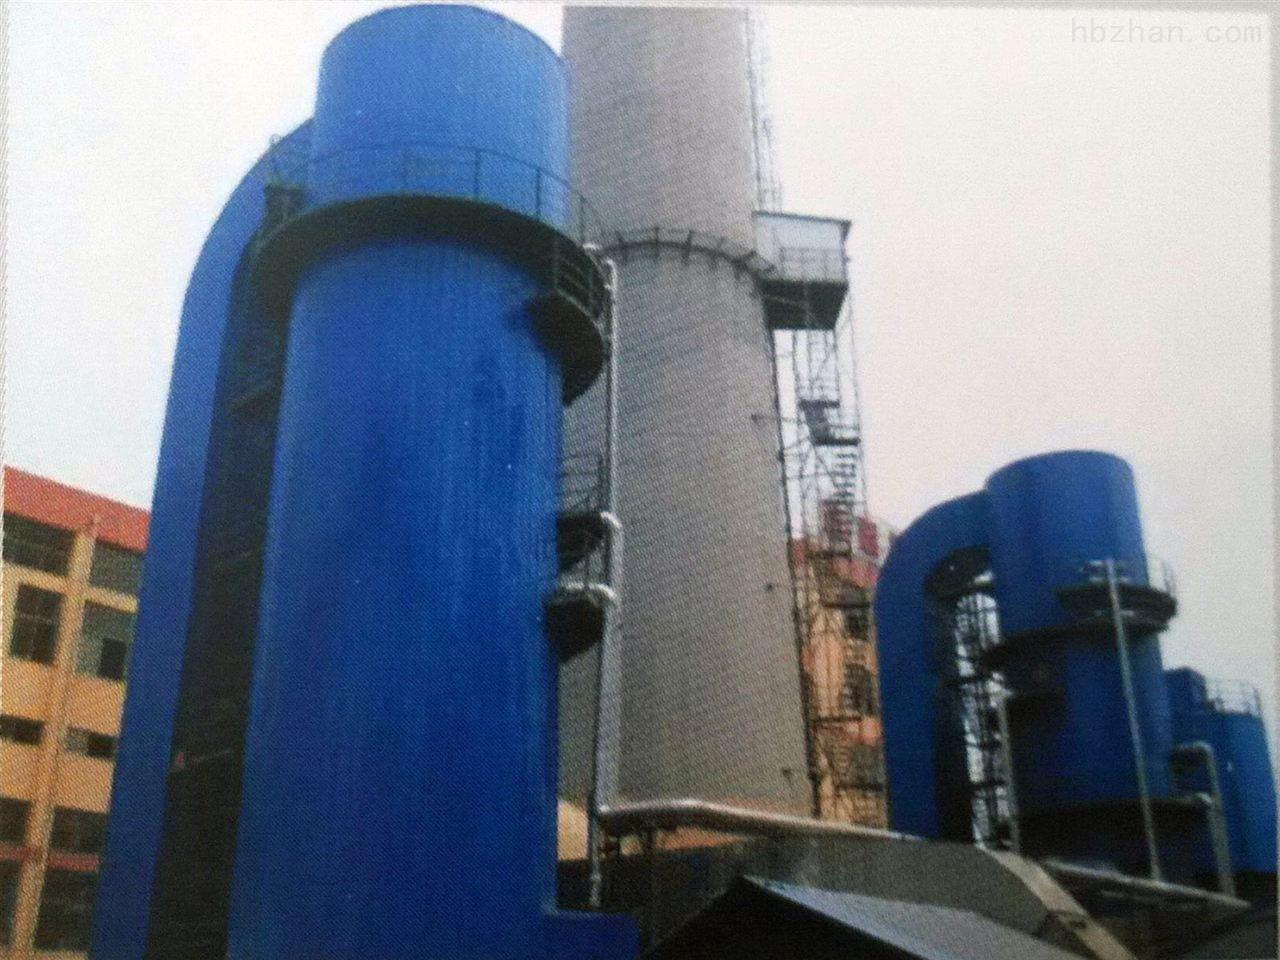 石灰石烟气系统坐标脱硫的吸收塔标点CAD图cad湿法先哪个石膏坐中图片